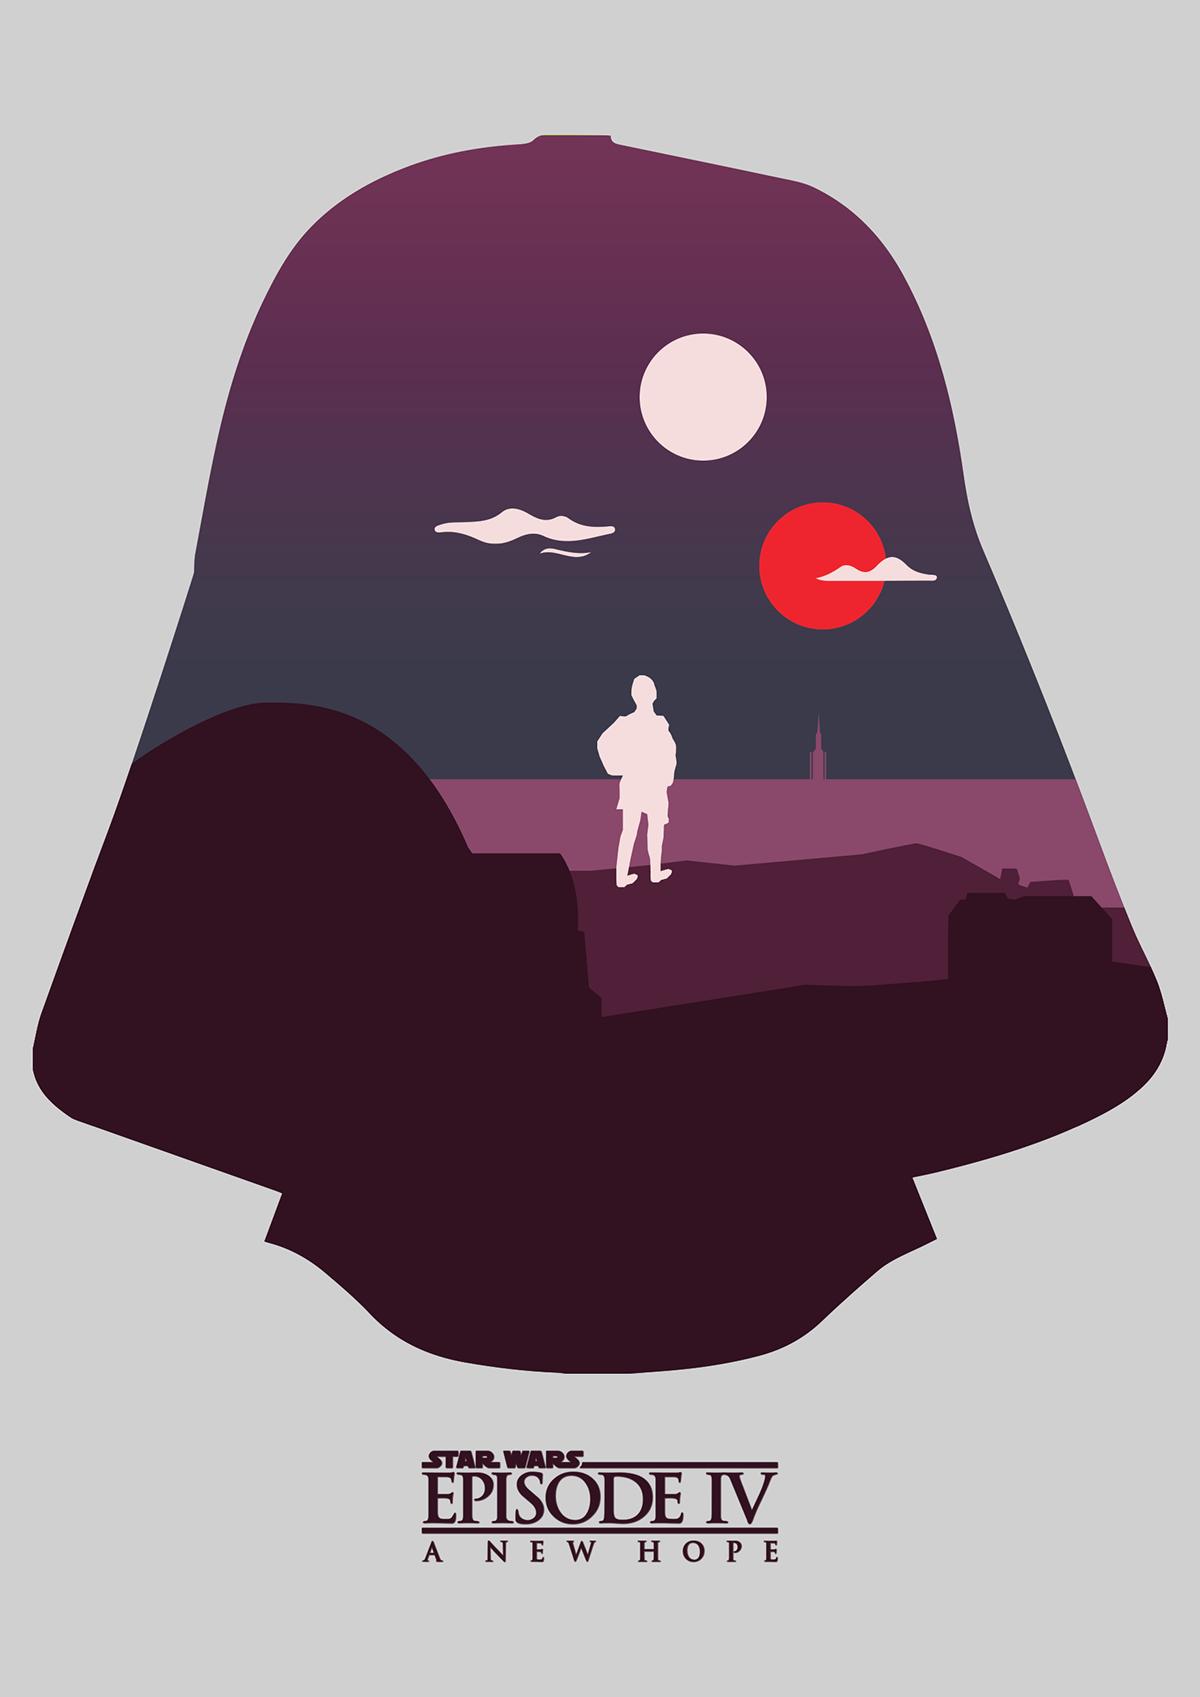 Star Wars Episode Iv A New Hope Star Wars Episode Iv Eine